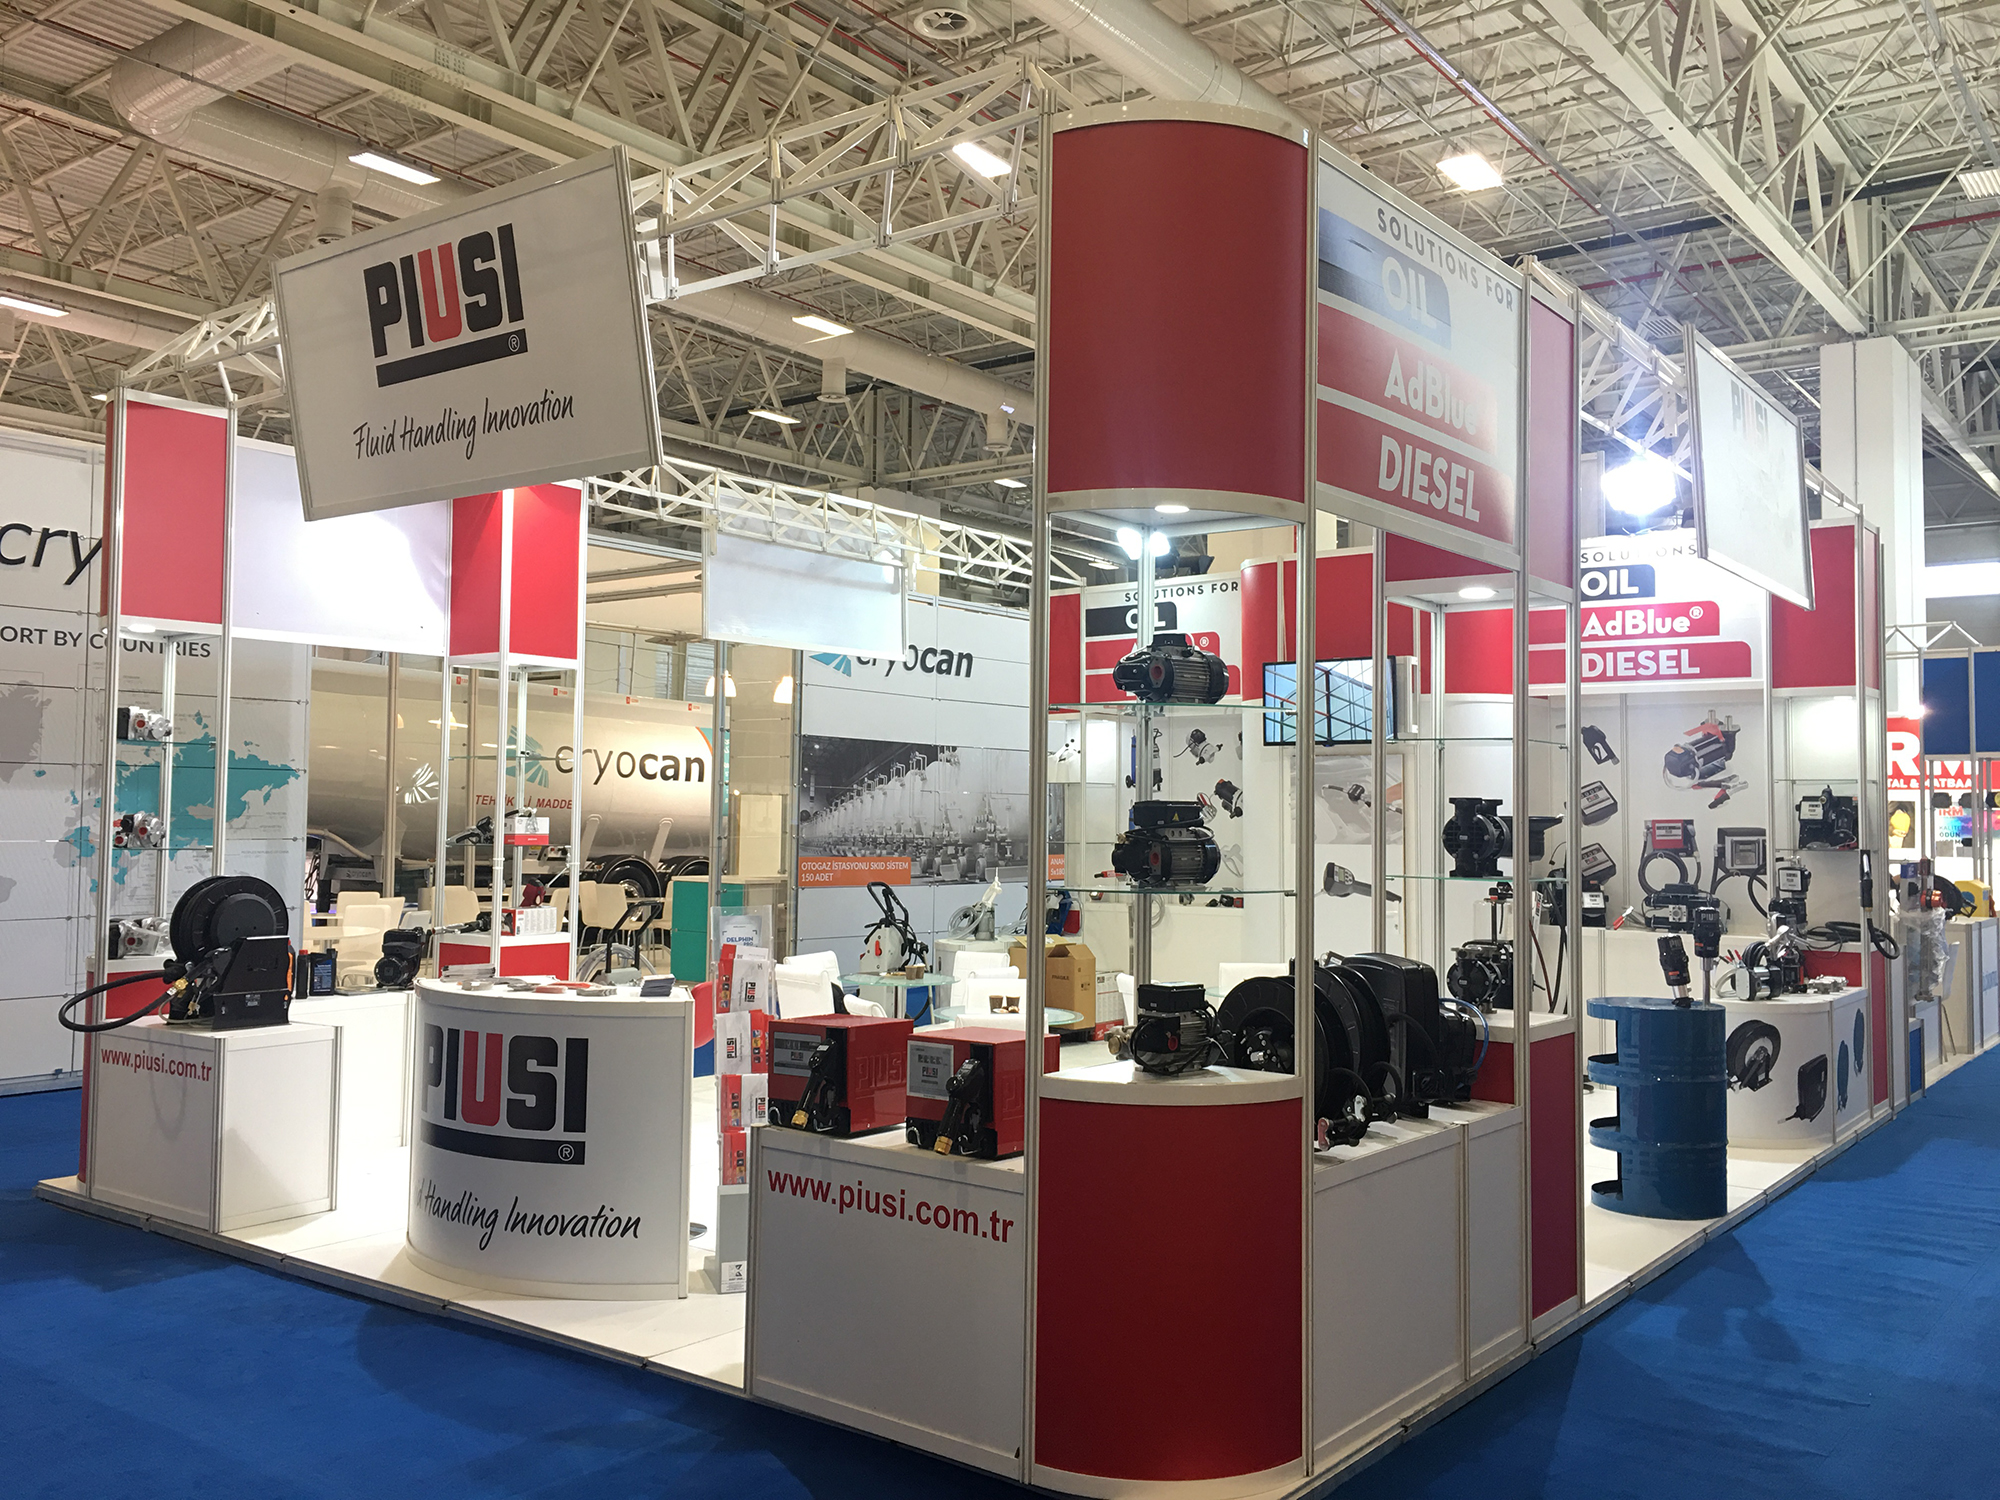 Petroleum Istanbul Uluslararası Petrol, LPG, Madeni Yağ, Ekipmanları ve Teknolojileri Fuarı